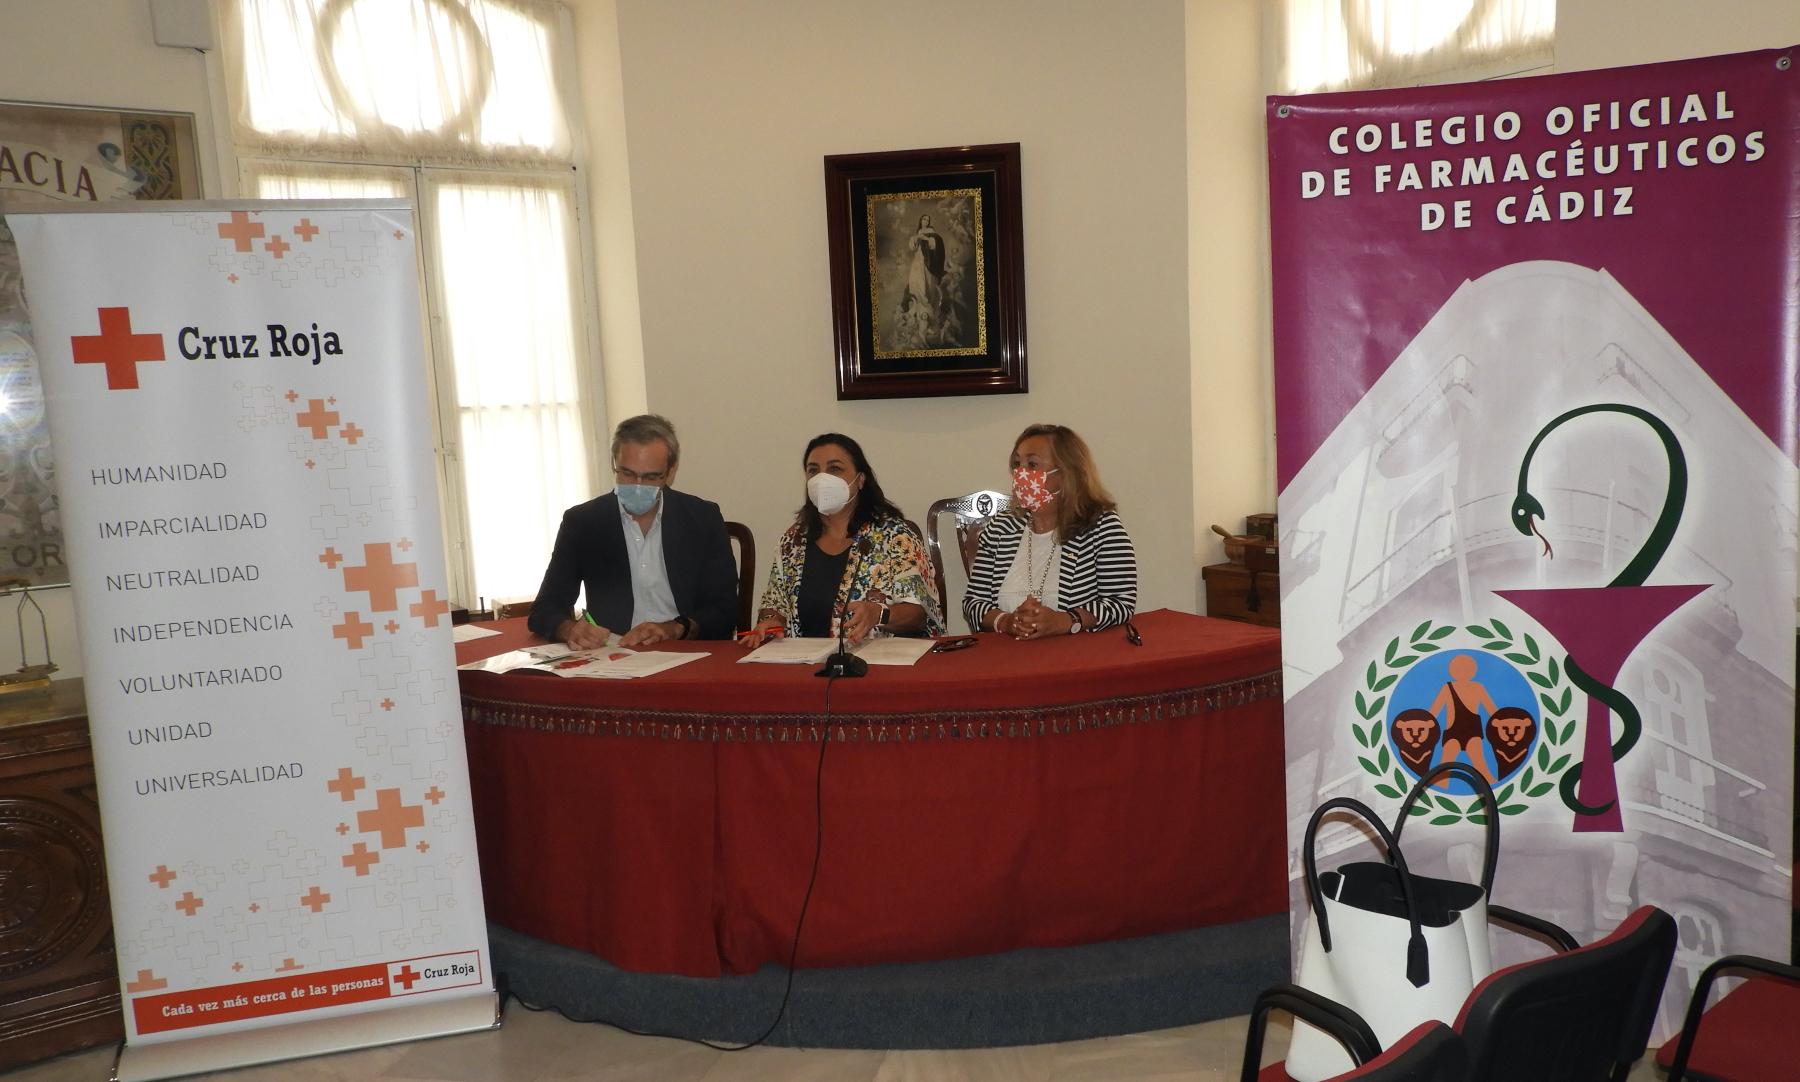 Cruz Roja Española y el Colegio de Farmacéuticos de Cádiz estrechan sus lazos de colaboración para mejorar su labor de promoción de la salud entre la población